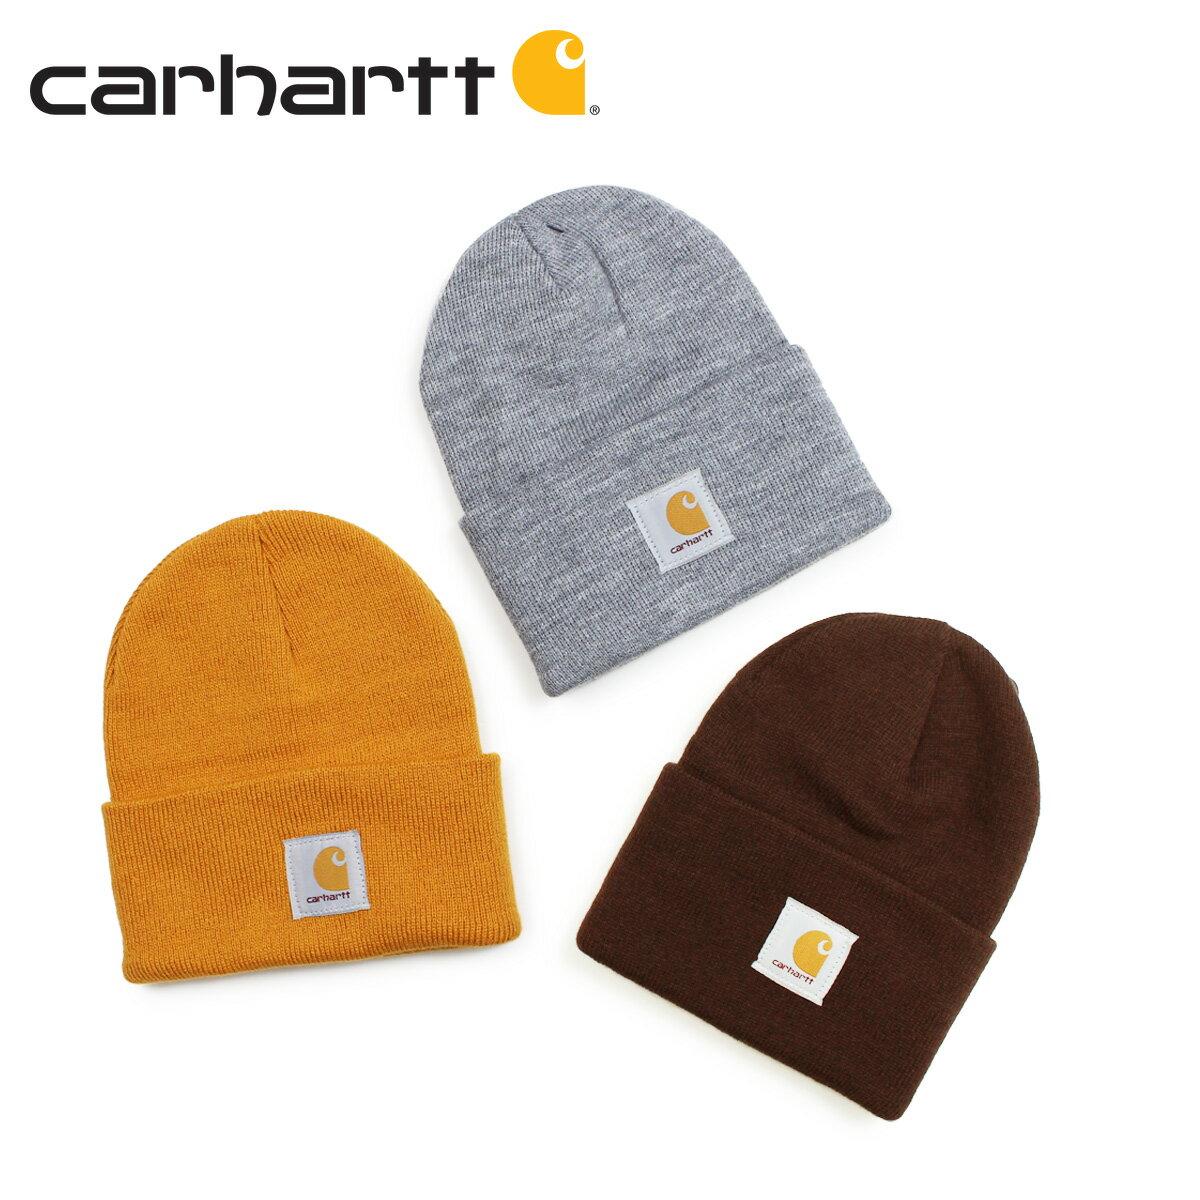 carhartt カーハート ニット帽 ニットキャップ ビーニー メンズ レディース ACRYLIC WATCH HAT グレー ダークブラウン ゴールド A18